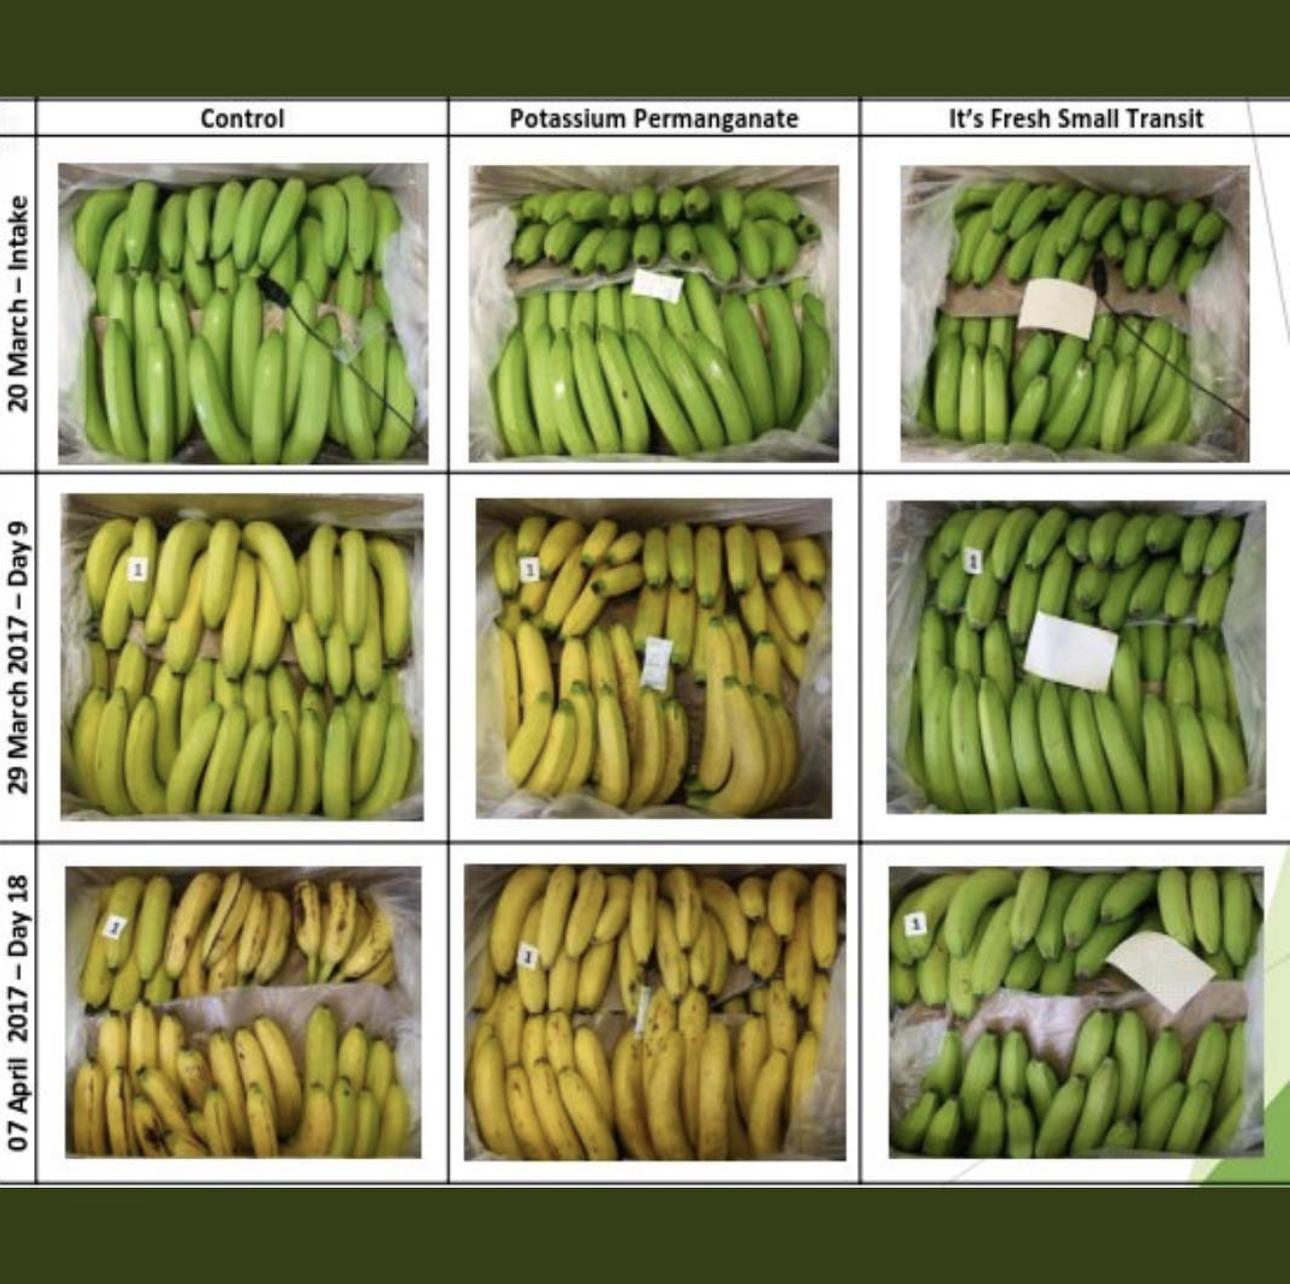 英食品保鮮公司發明的可回收濾紙,能吸收包裝盒內的乙烯,延長水果壽命大量減少水果浪費。(取材自推特)